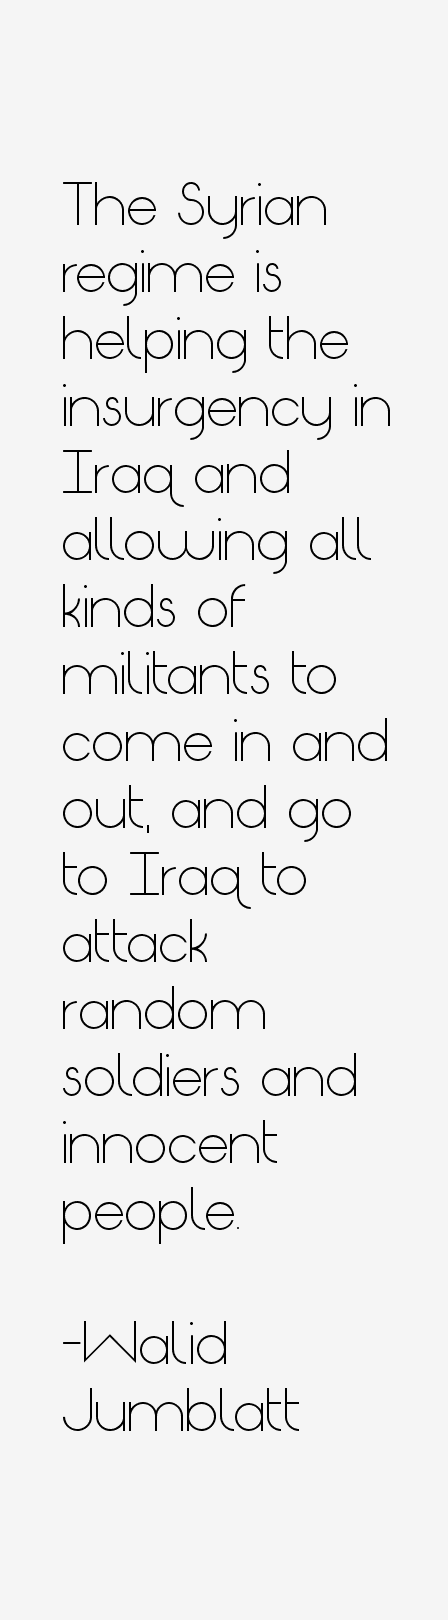 Walid Jumblatt Quotes